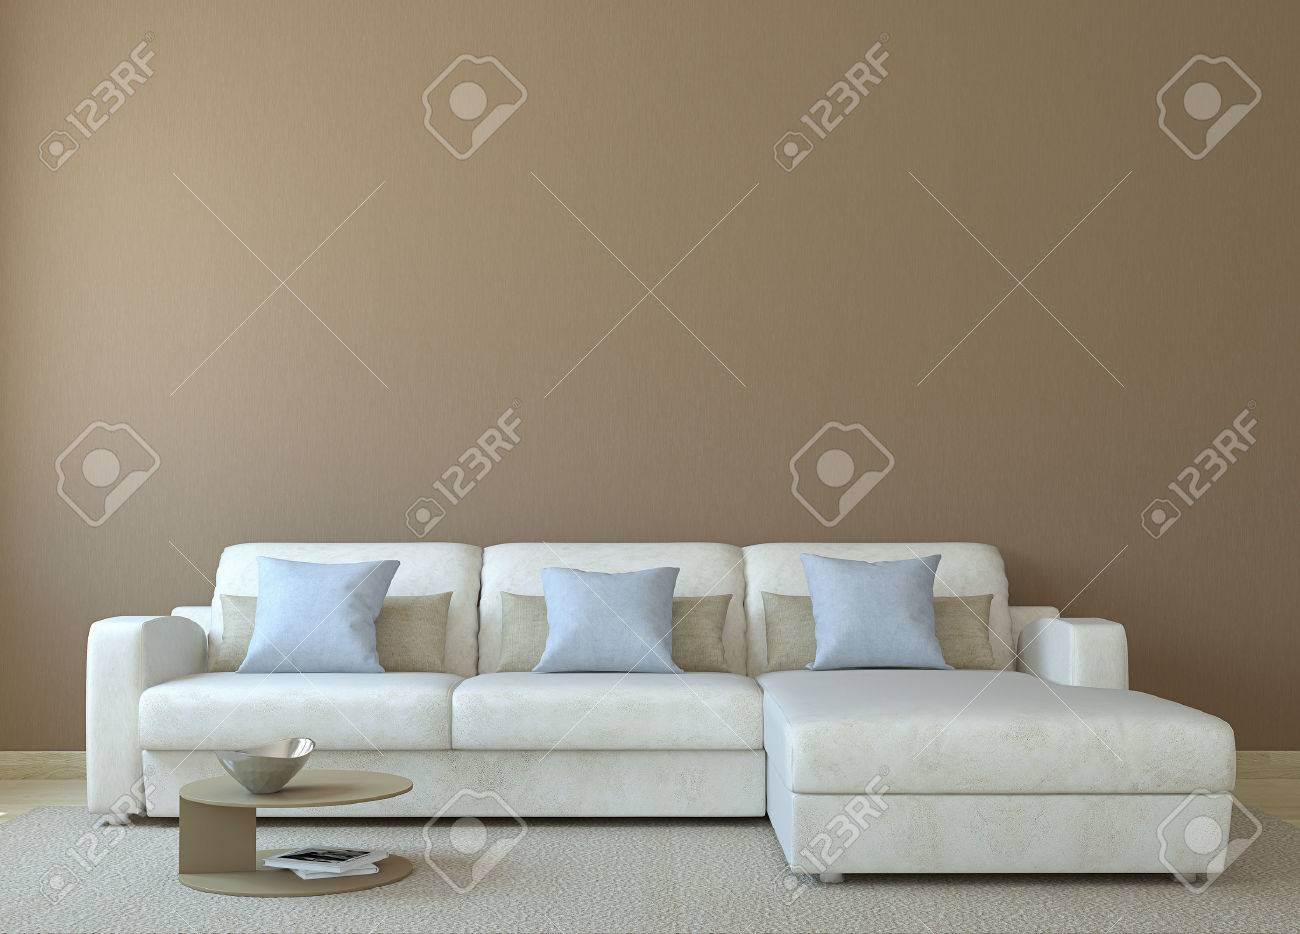 Moderne Wohnzimmer Interieur Mit Weißen Couch In Der Nähe Von Leere Braune  Wand. 3D